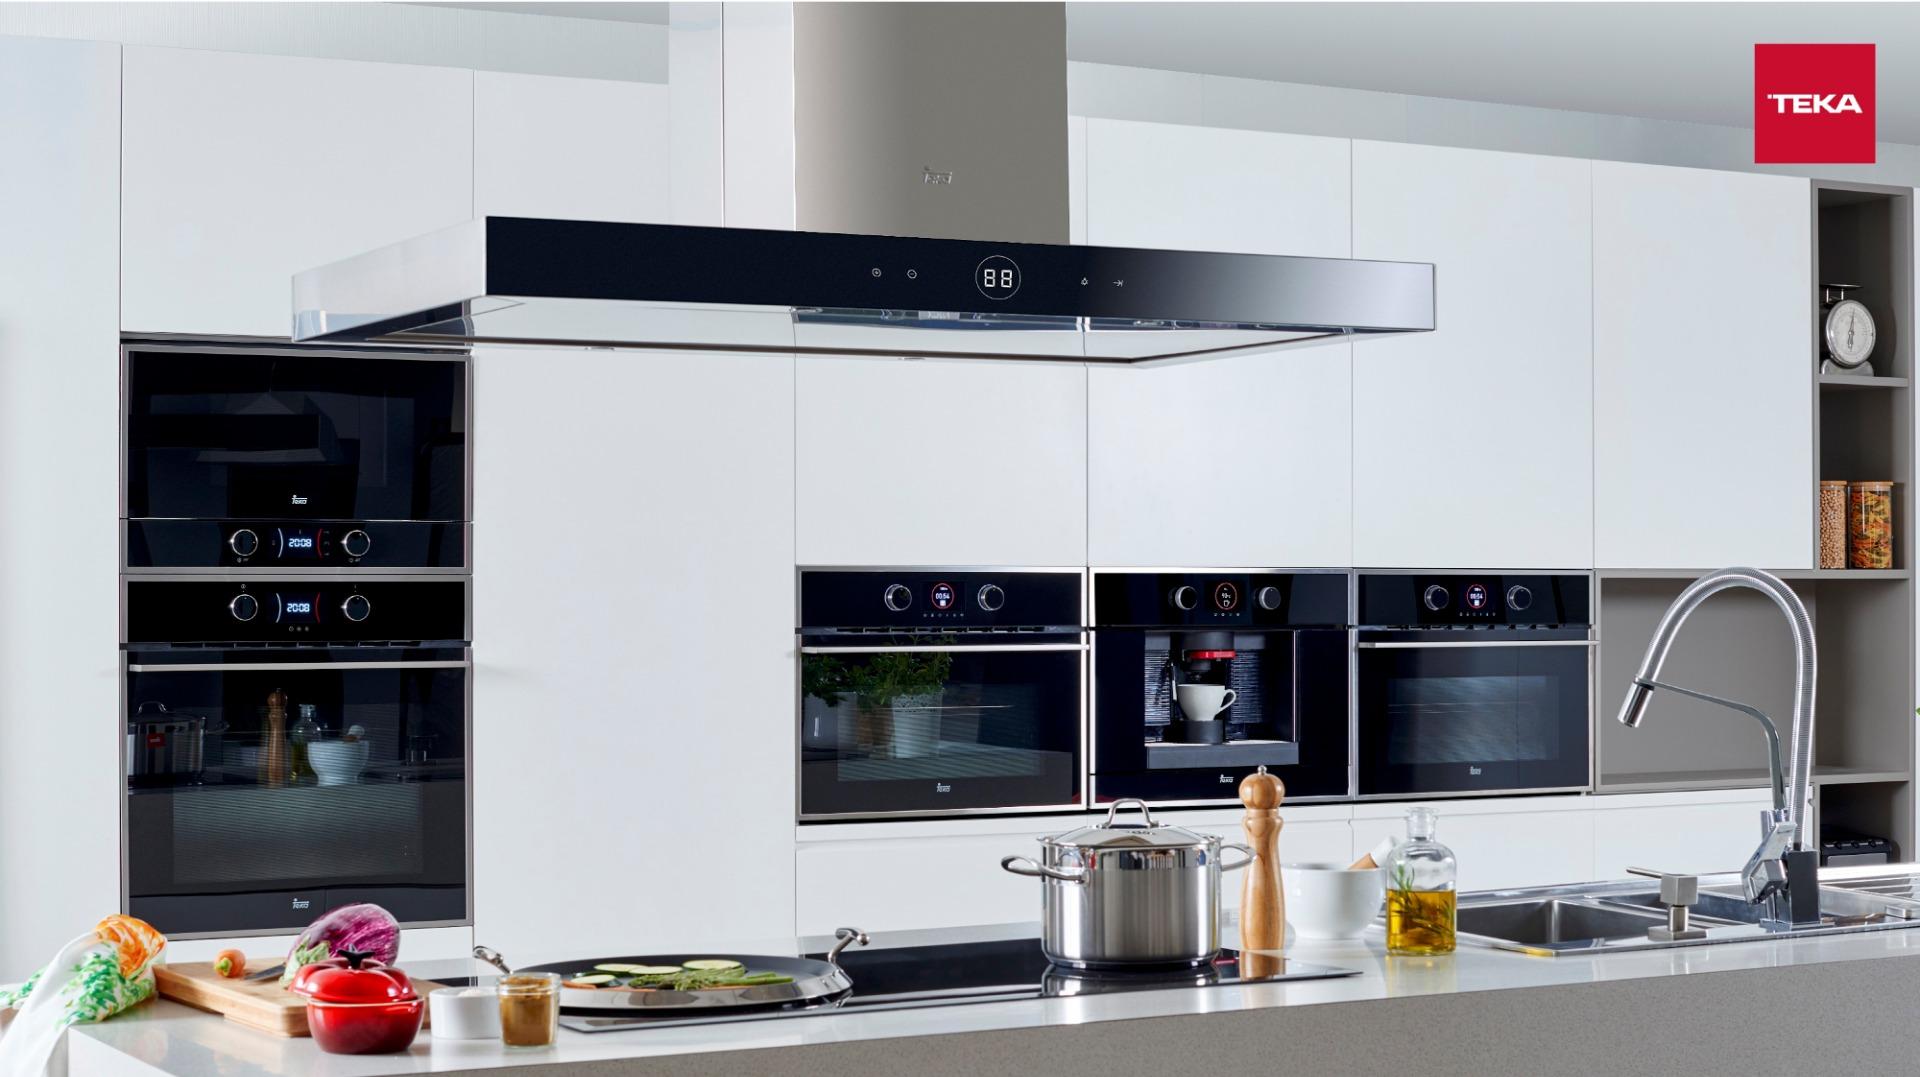 Mutfaklara ilham veren TEKA perakende operasyonları için Pozitera'yı seçti